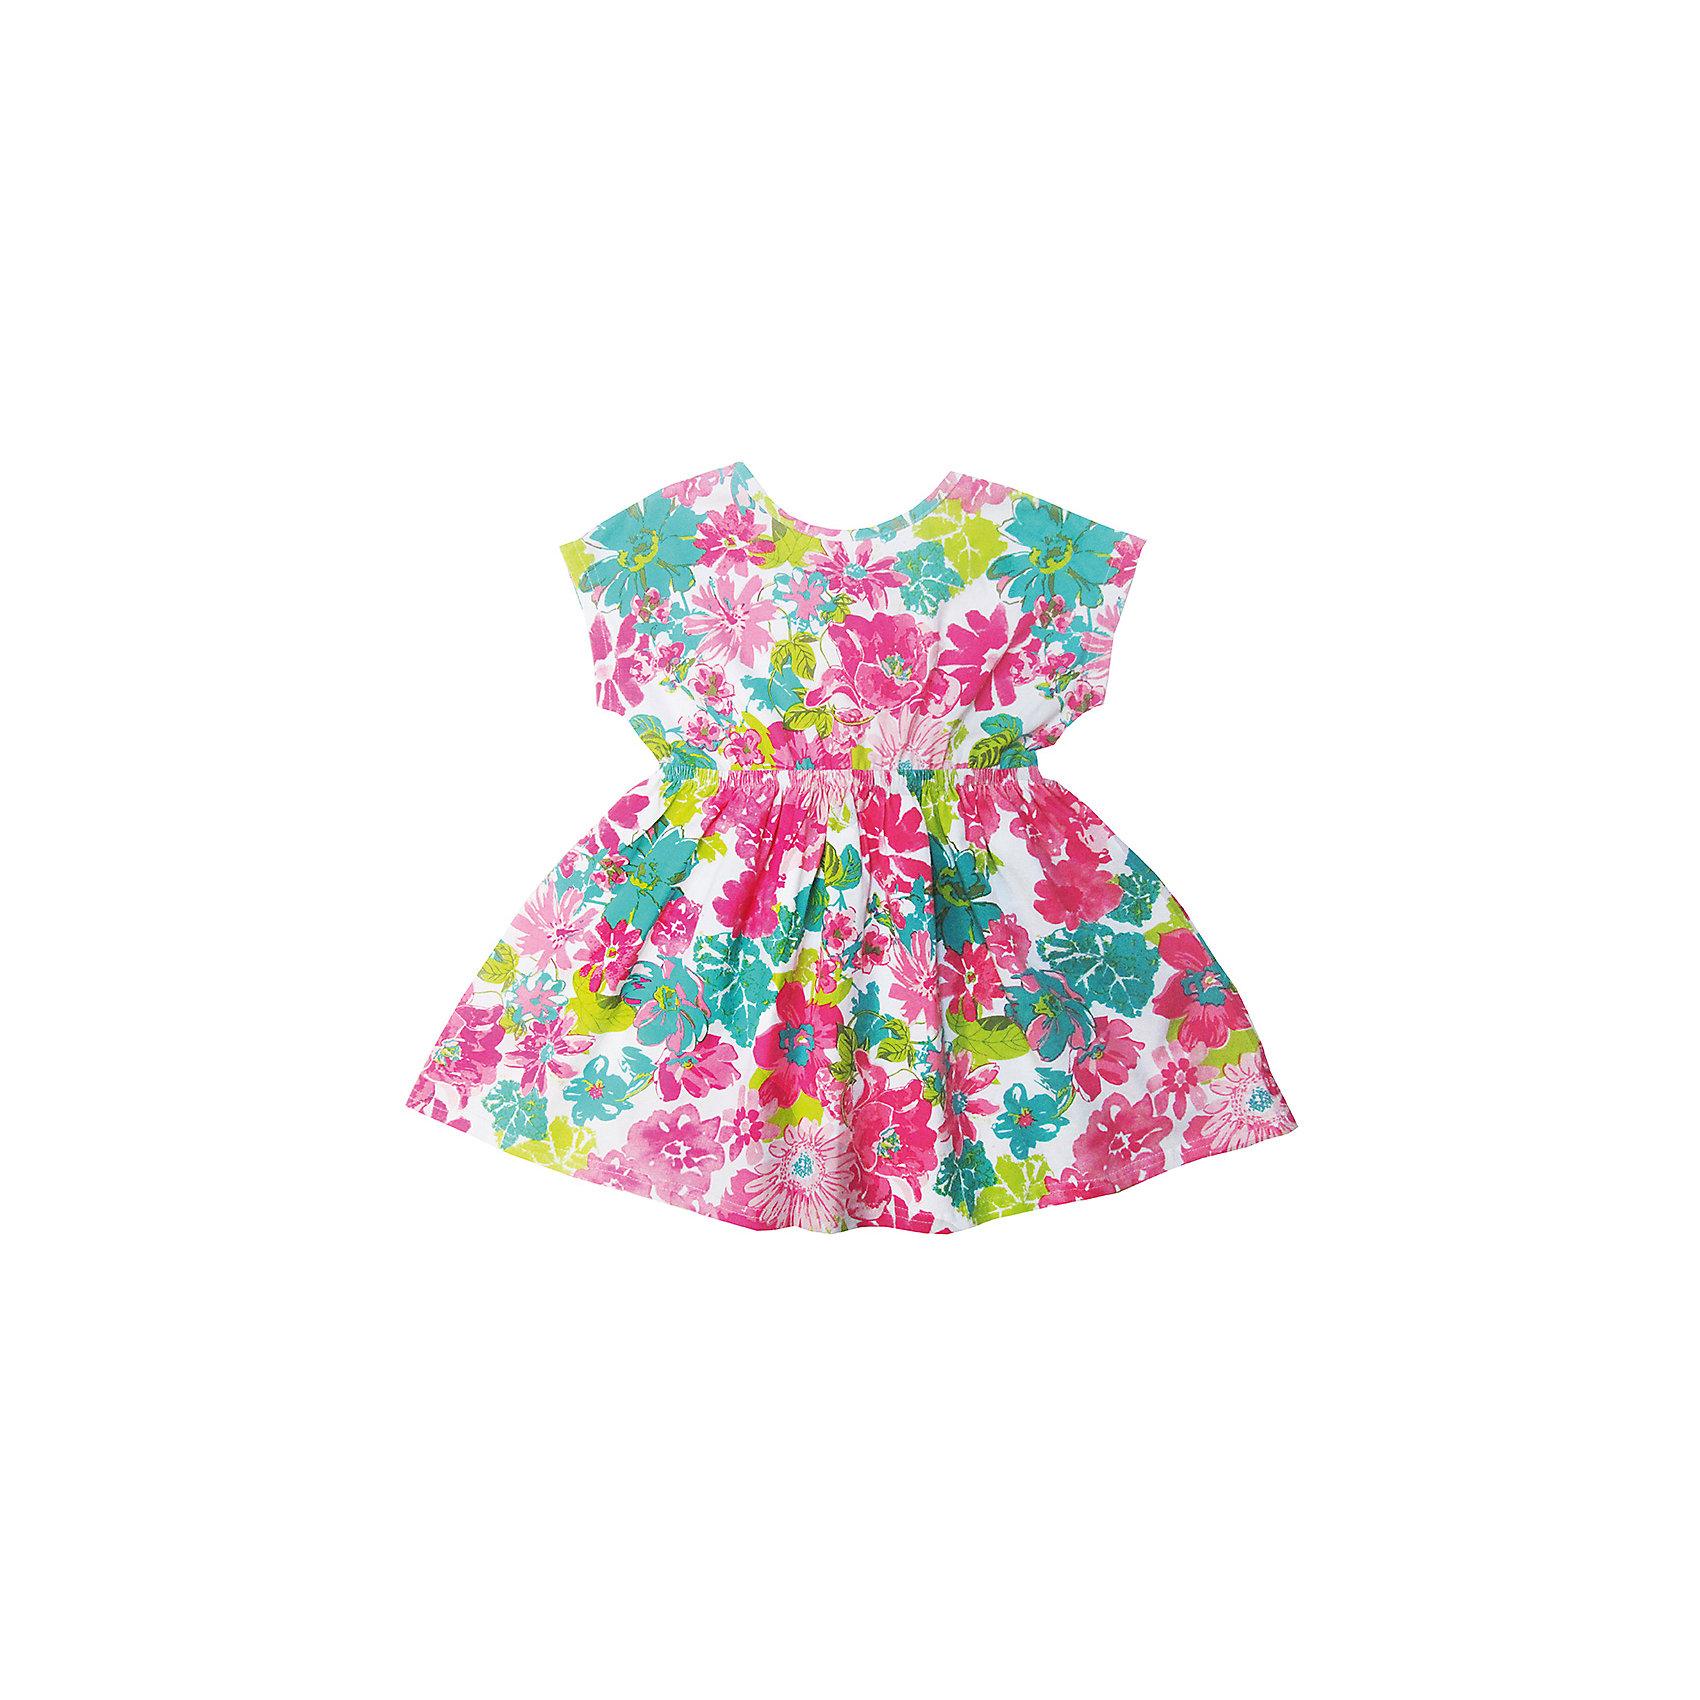 Футболка для девочки Sweet BerryФутболки, поло и топы<br>Трикотажная футболка для девочки с цветочным принтом декоратиной отделкой спинки. Короткие рукава.<br>Состав:<br>95%хлопок 5%эластан<br><br>Ширина мм: 199<br>Глубина мм: 10<br>Высота мм: 161<br>Вес г: 151<br>Цвет: разноцветный<br>Возраст от месяцев: 36<br>Возраст до месяцев: 48<br>Пол: Женский<br>Возраст: Детский<br>Размер: 104,98,110,116,122,128<br>SKU: 5412611